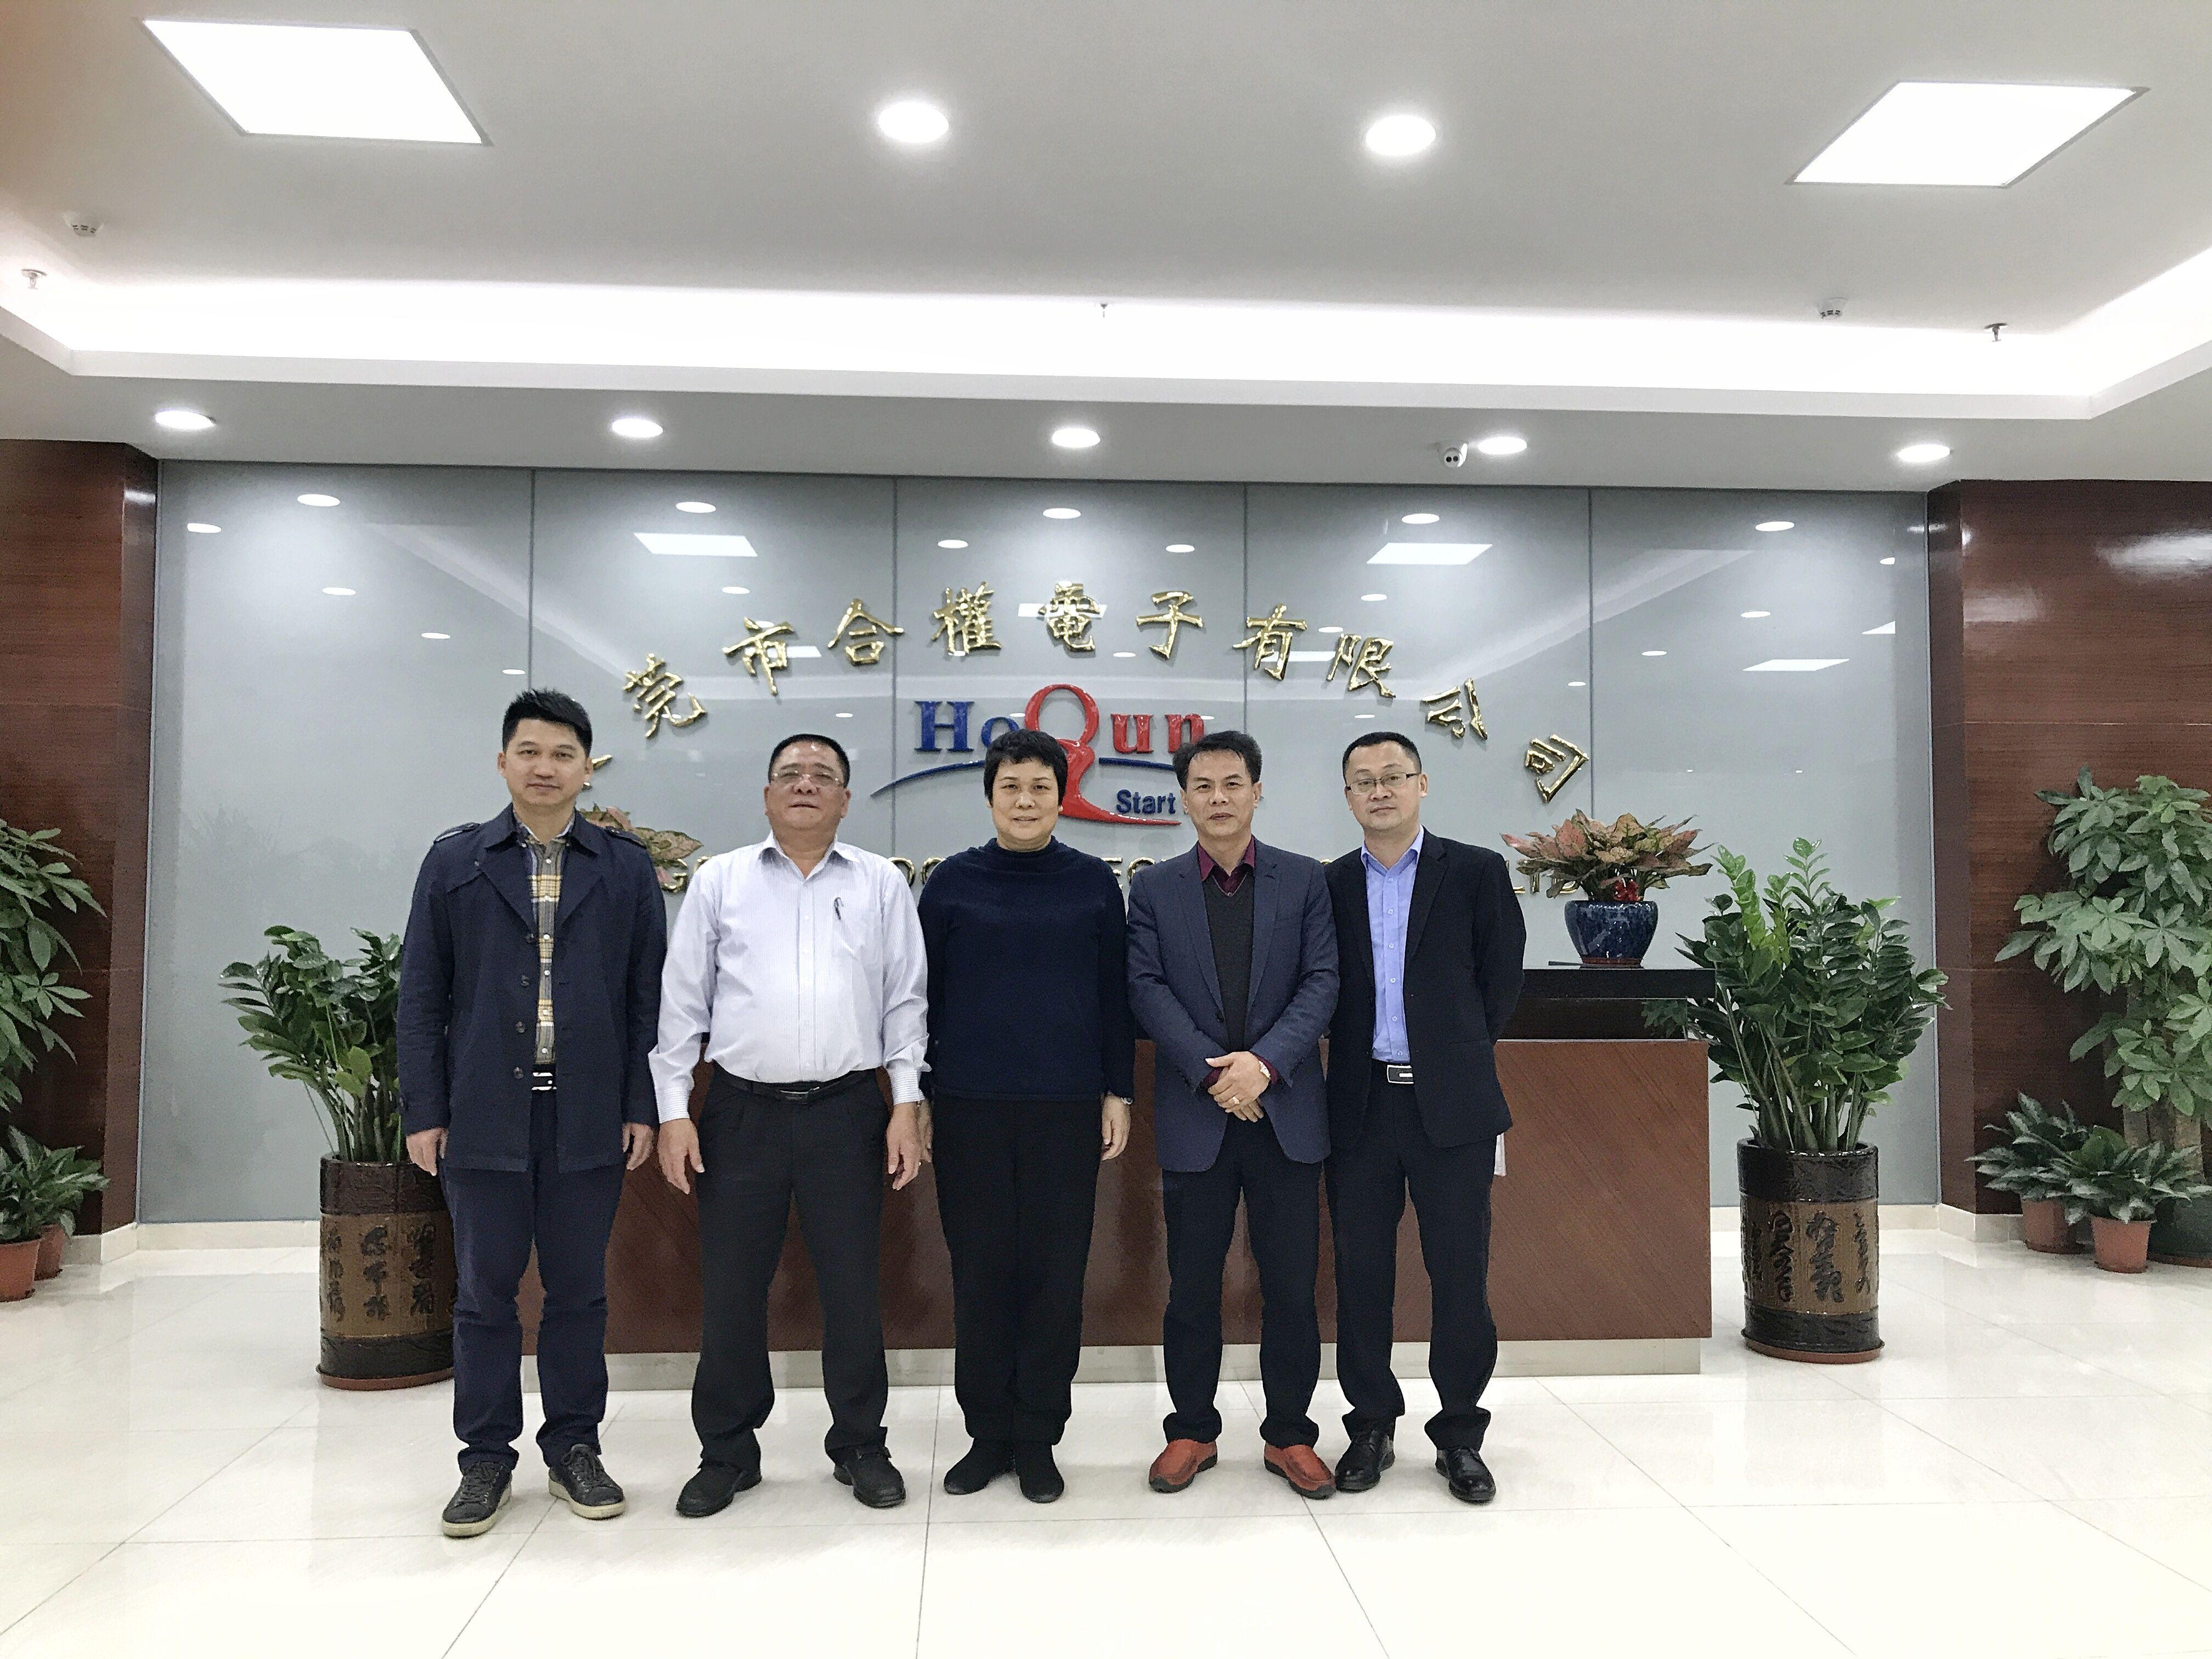 2018年1月,塘厦镇长黎雪琴(中)、镇委委员李智波(左一)到新太阳科技产业园合权电子厂考察调研.jpg